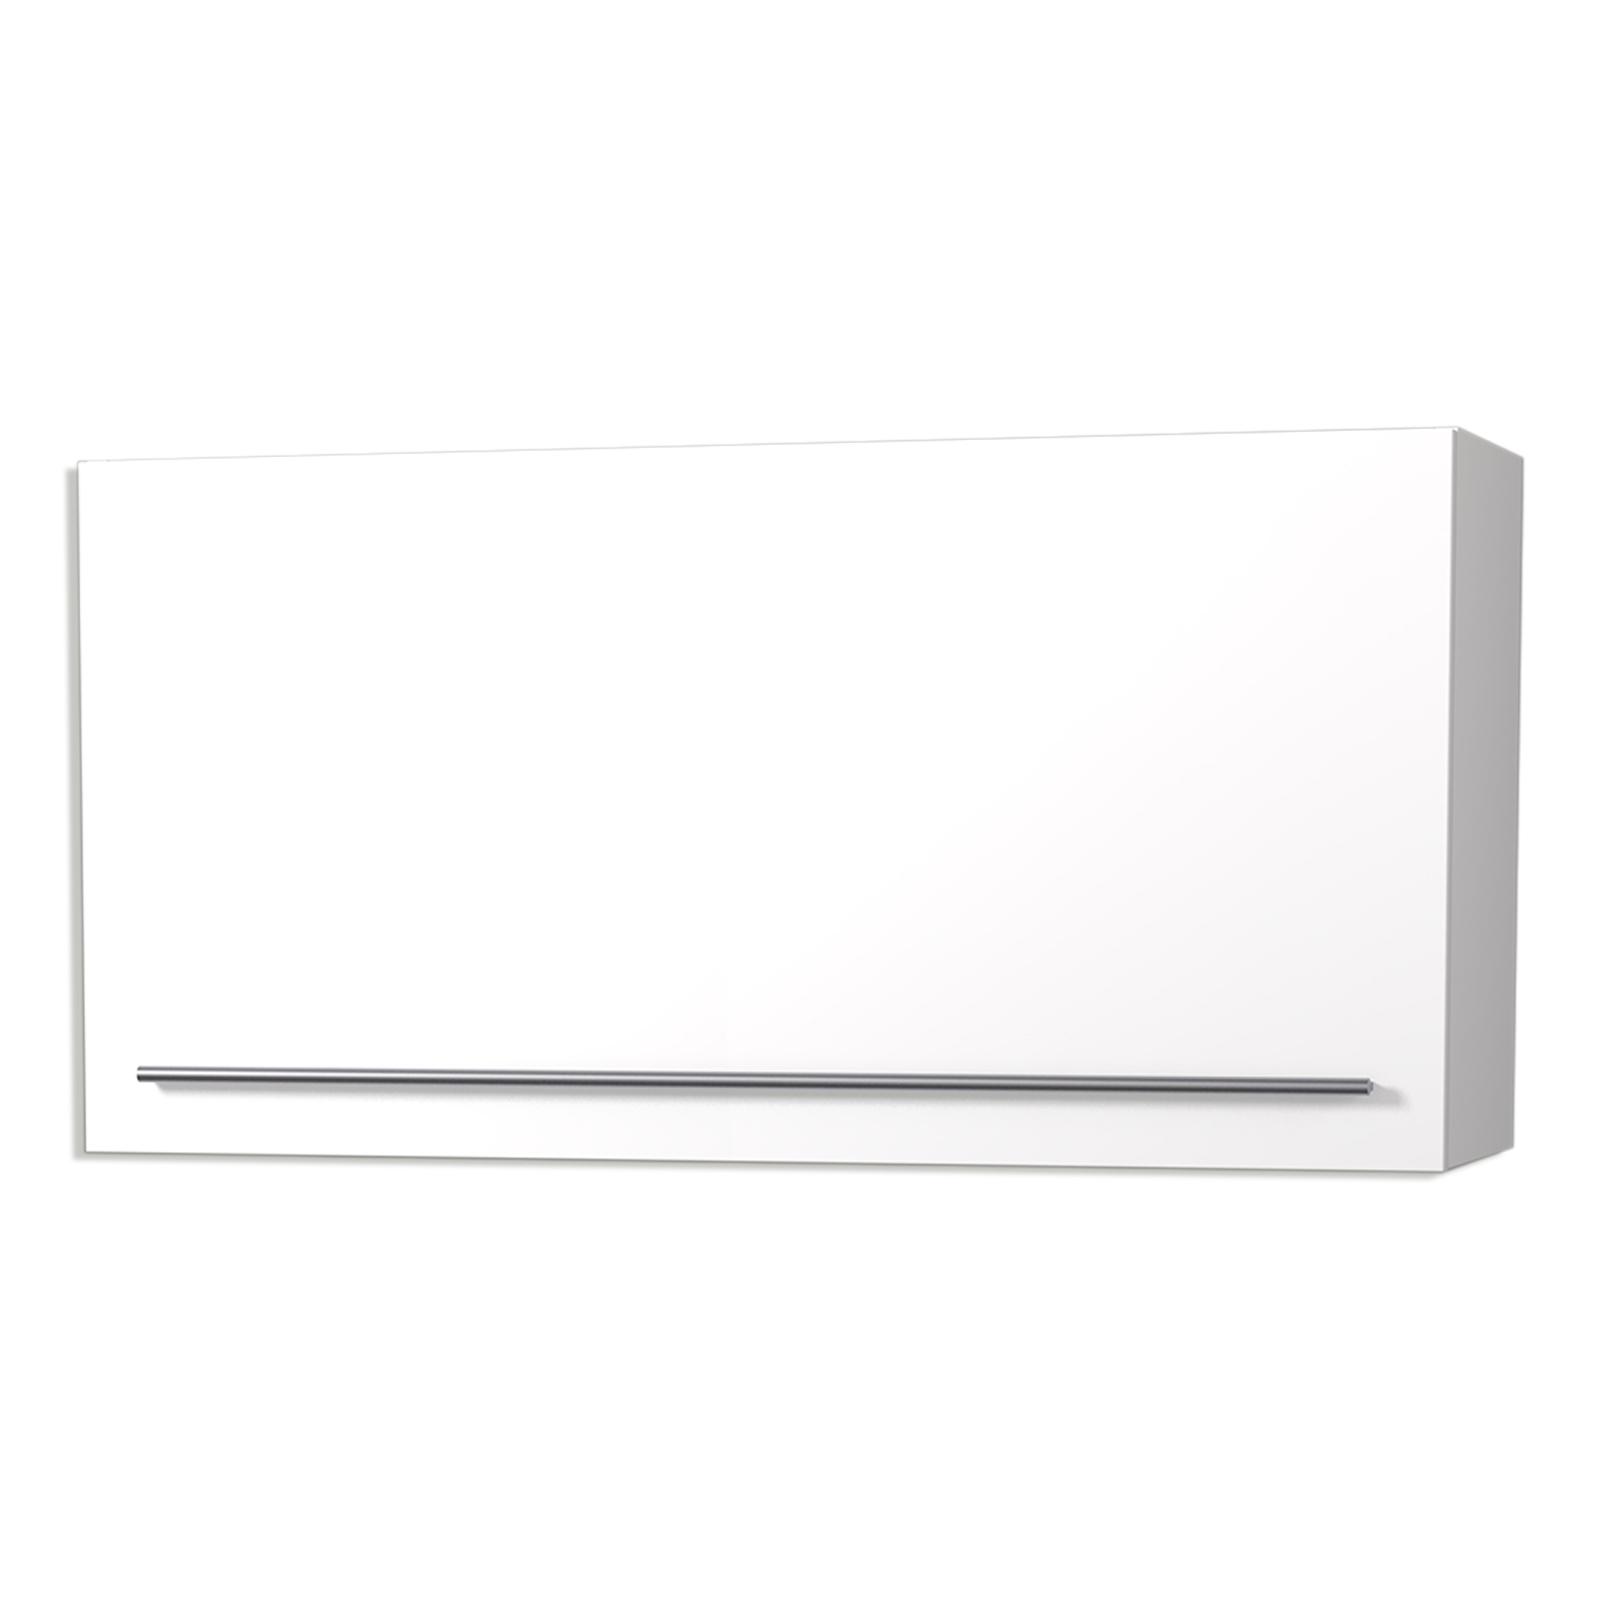 Hängeschrank - weiß Hochglanz - 10 cm